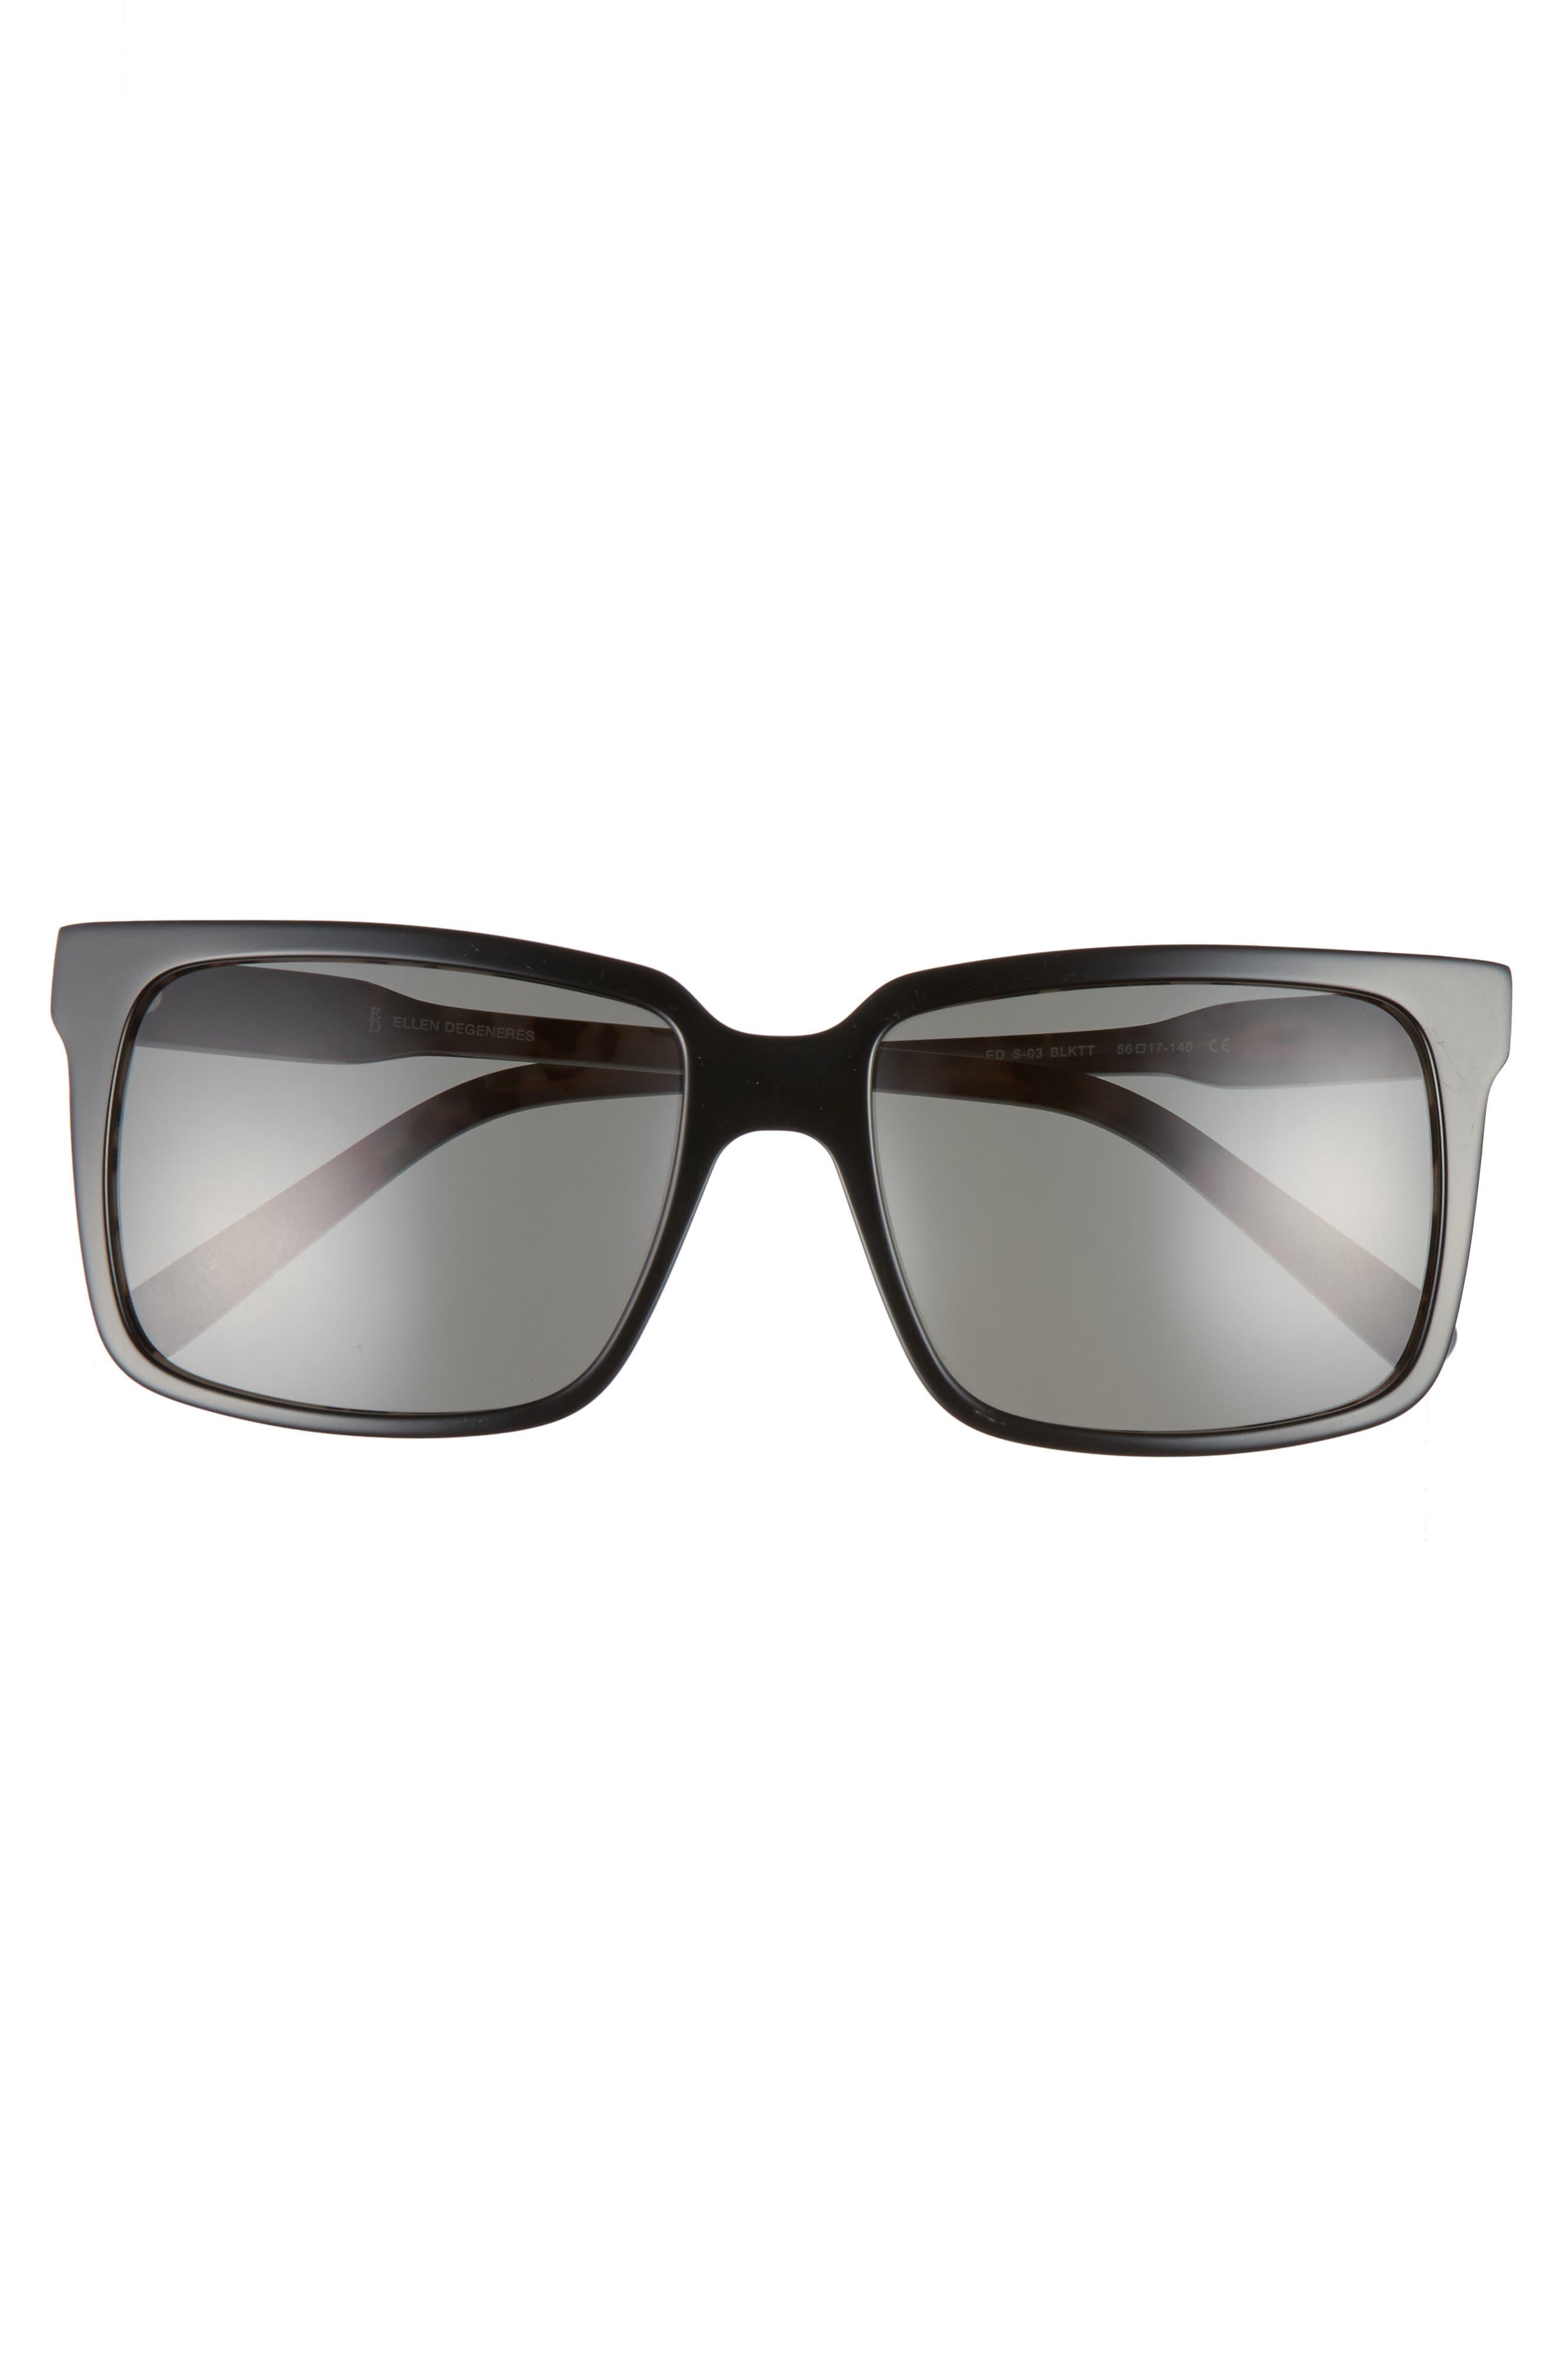 Alternate Image 3  - ED Ellen DeGeneres 56mm Gradient Square Sunglasses